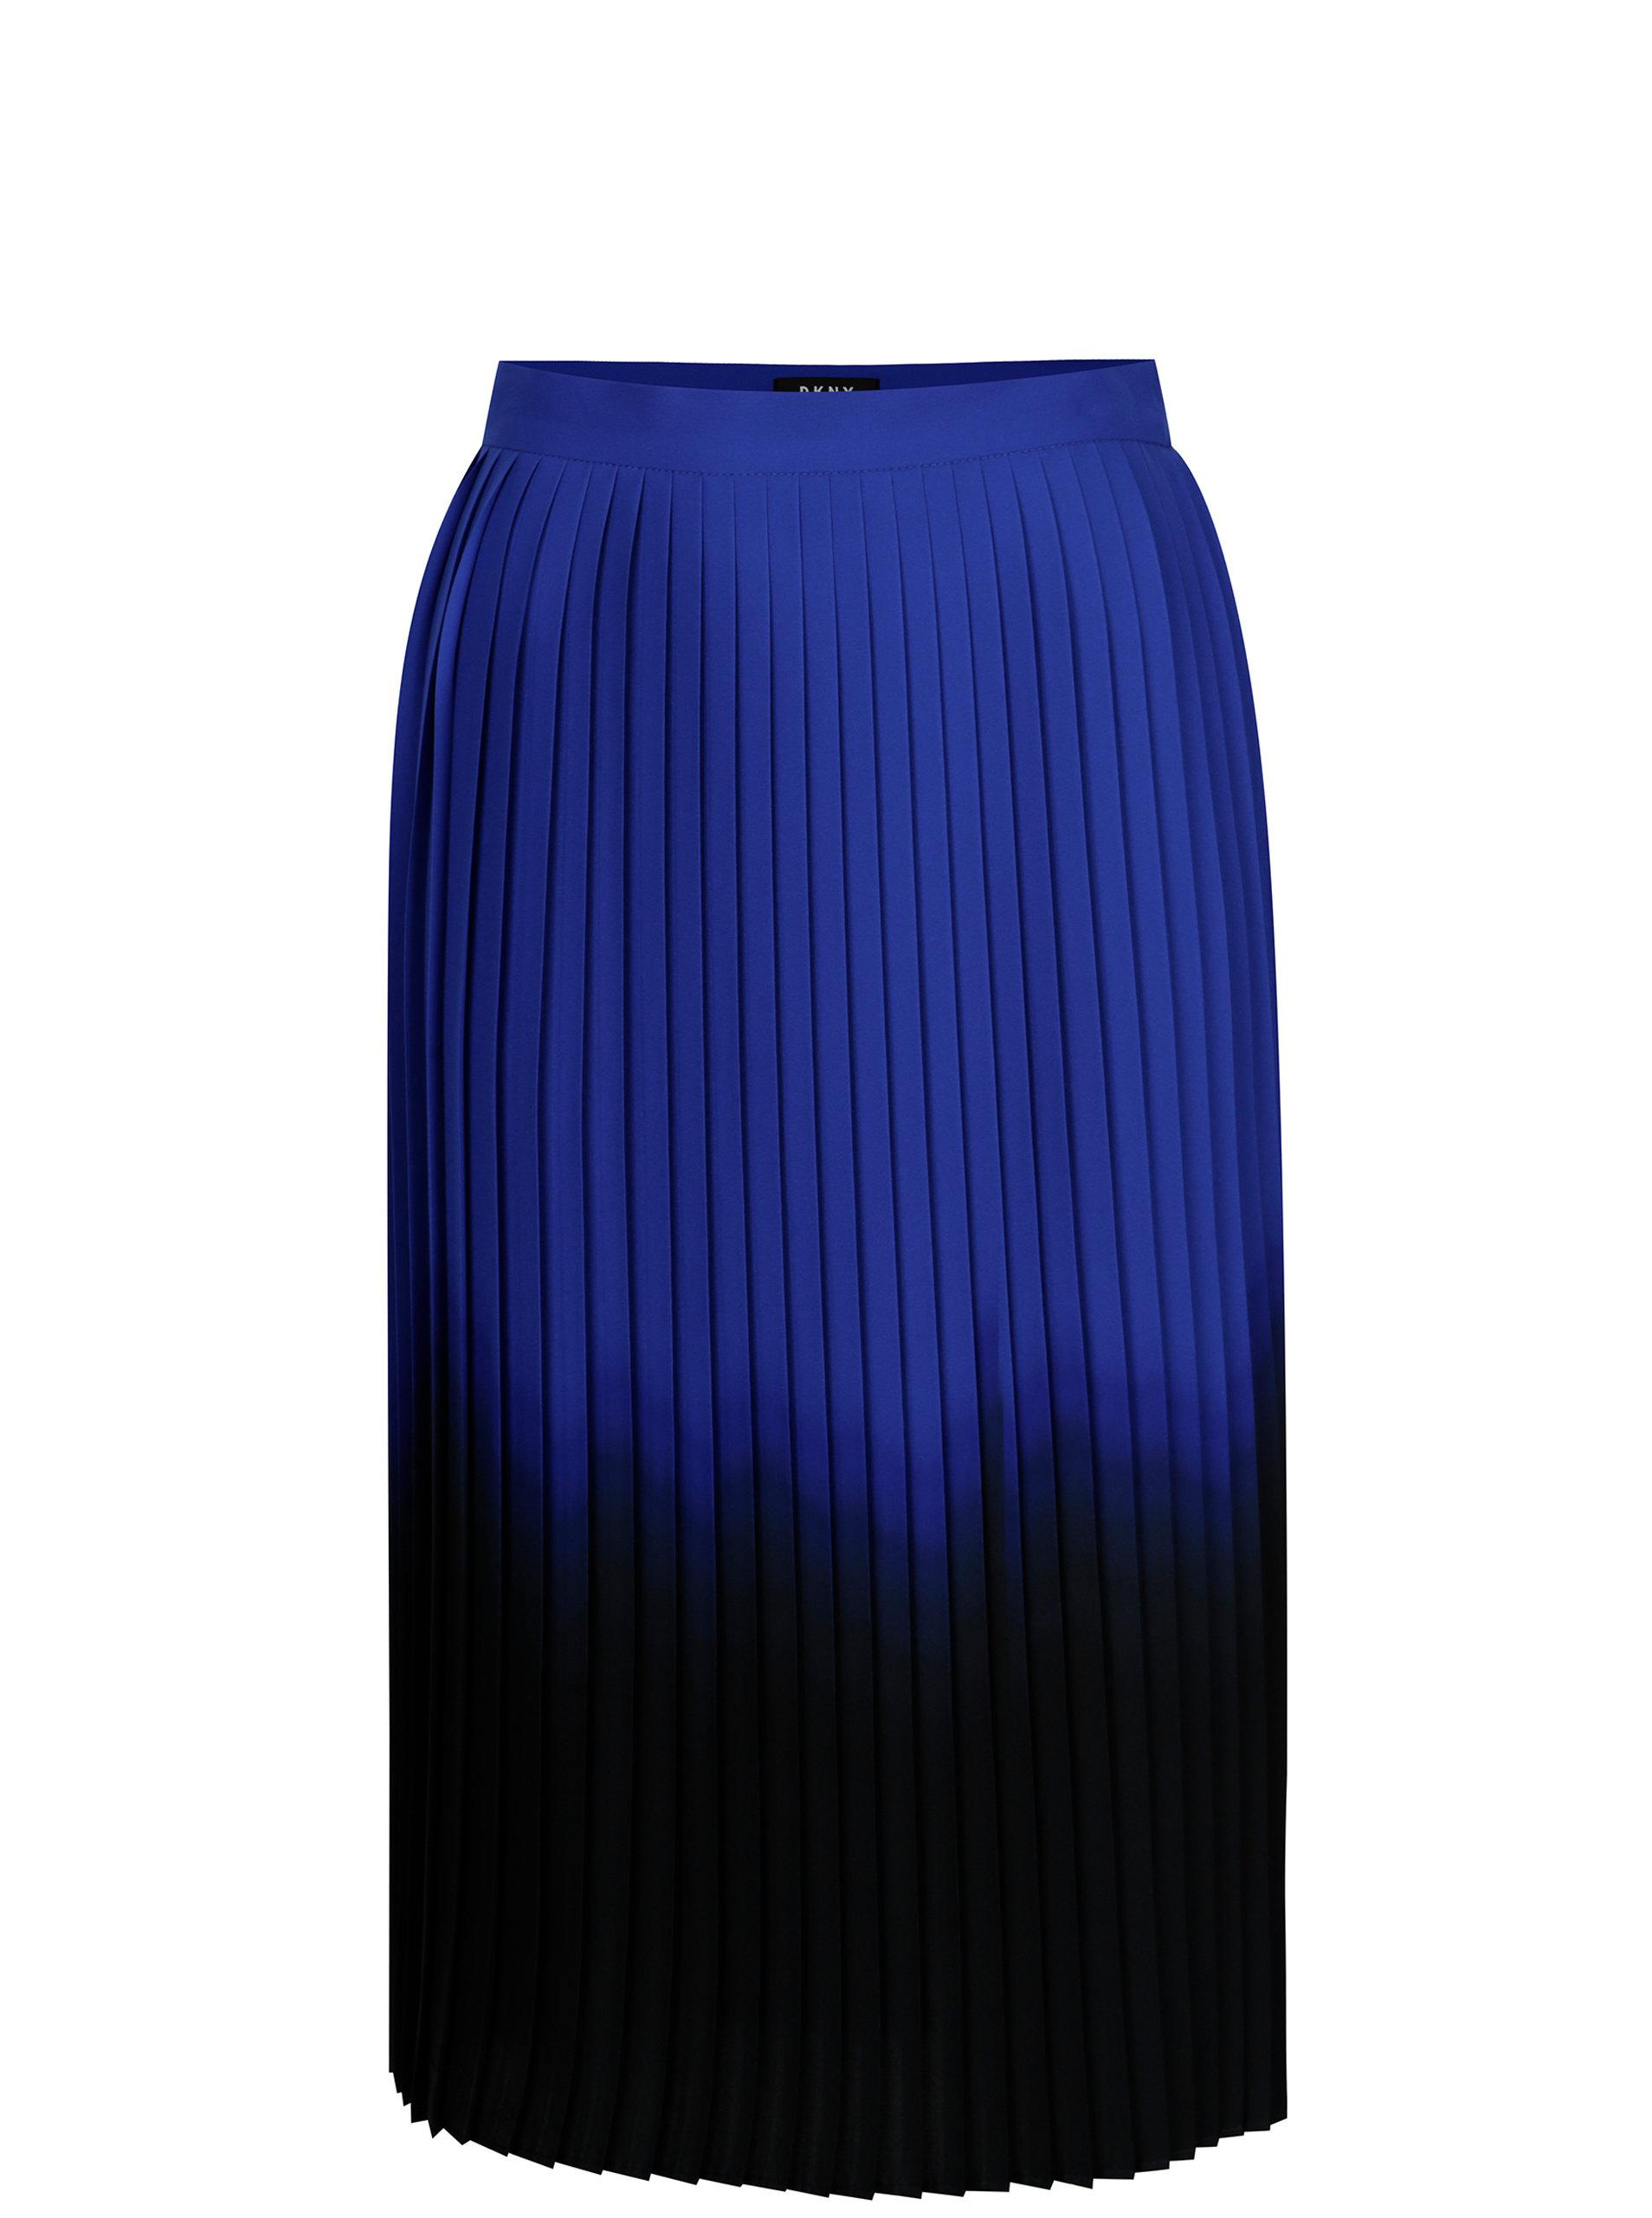 346379ece3dd Modro-čierna plisovaná sukňa DKNY ...